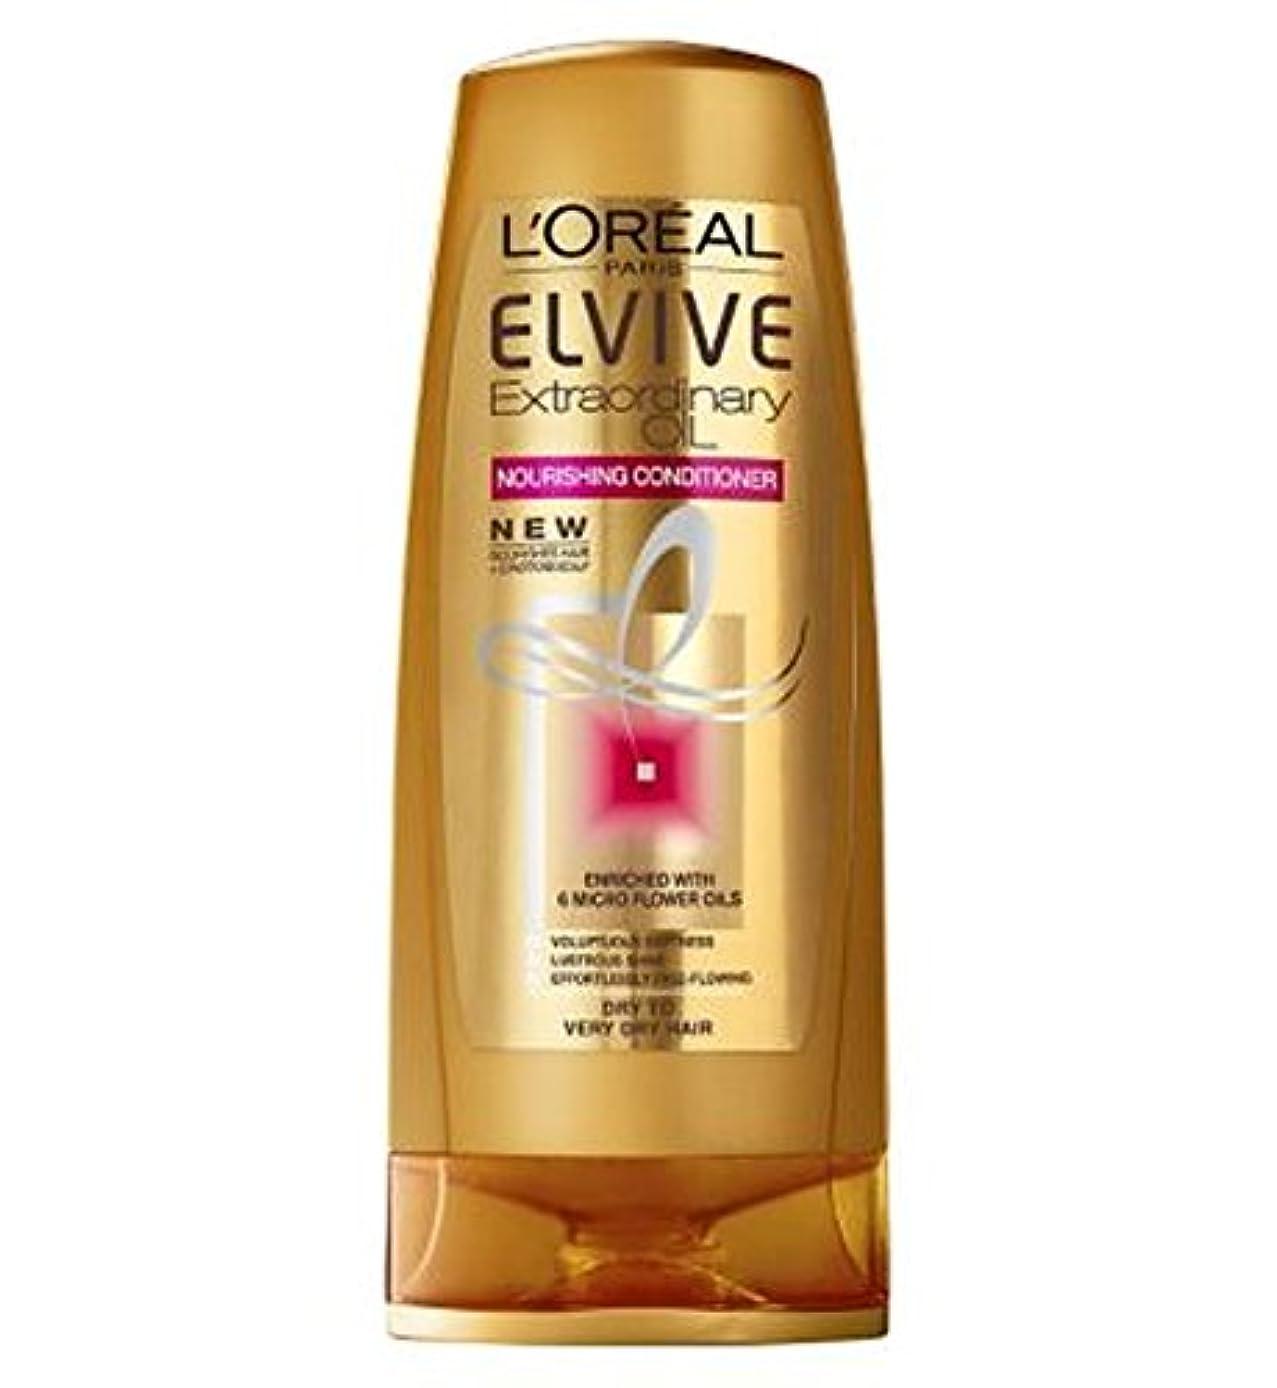 行商書士熟達したL'Oreal Elvive Extraordinary Oils Nourishing Conditioner Dry to Rough Hair 250ml - ラフヘア250ミリリットルにコンディショナードライ栄養...